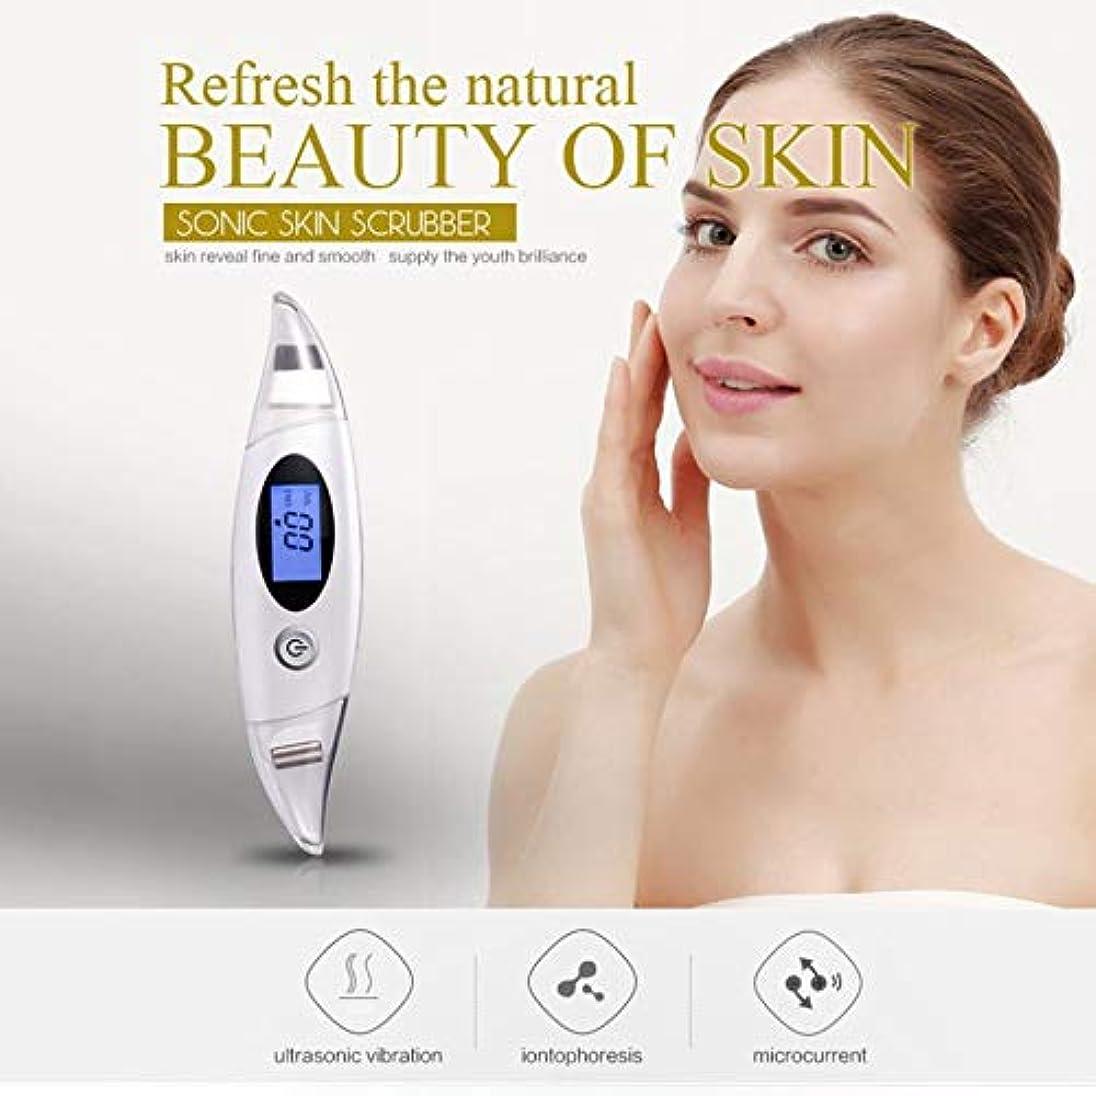 ゴネリル安息幽霊肌を引き締め美容機器、フェイシャルクレンジング、リフティング&ファーミングデバイス、アンチエイジングフェイスマッサージ、フェイスリフティングアンチリンクルマシン